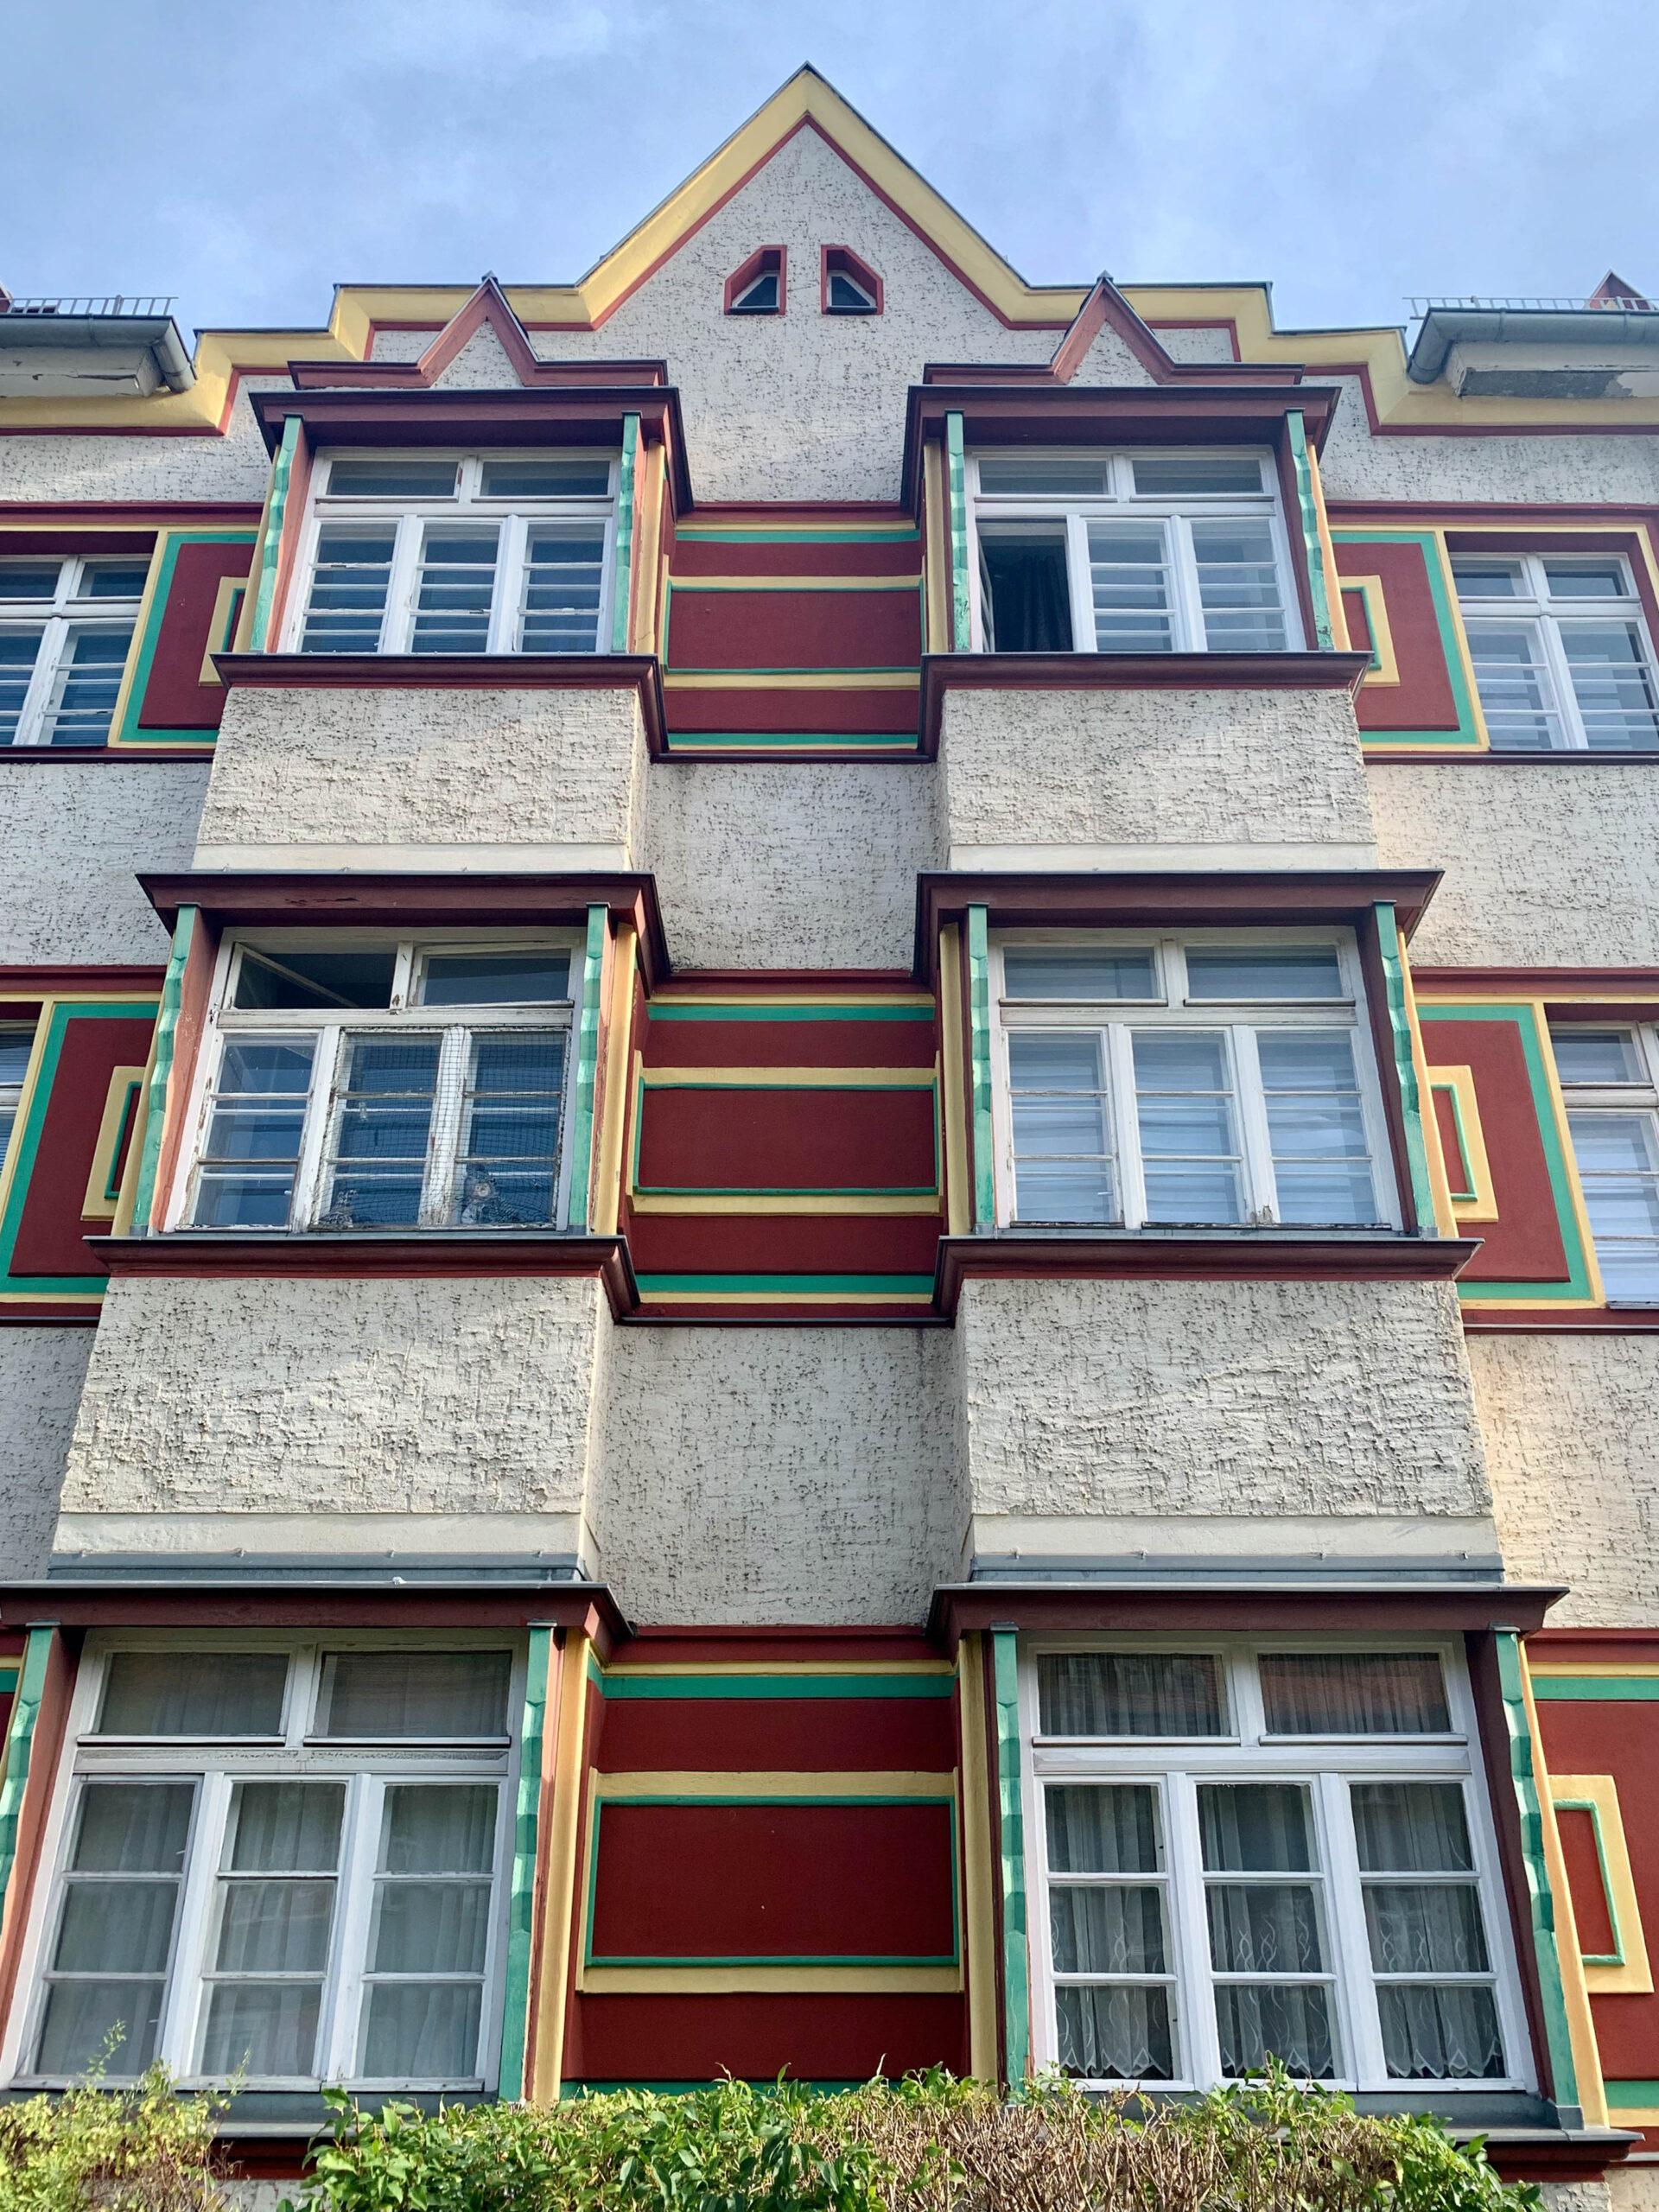 Zeppelinstrasse Estate, 1926-1927. Architect: Richard Ermisch